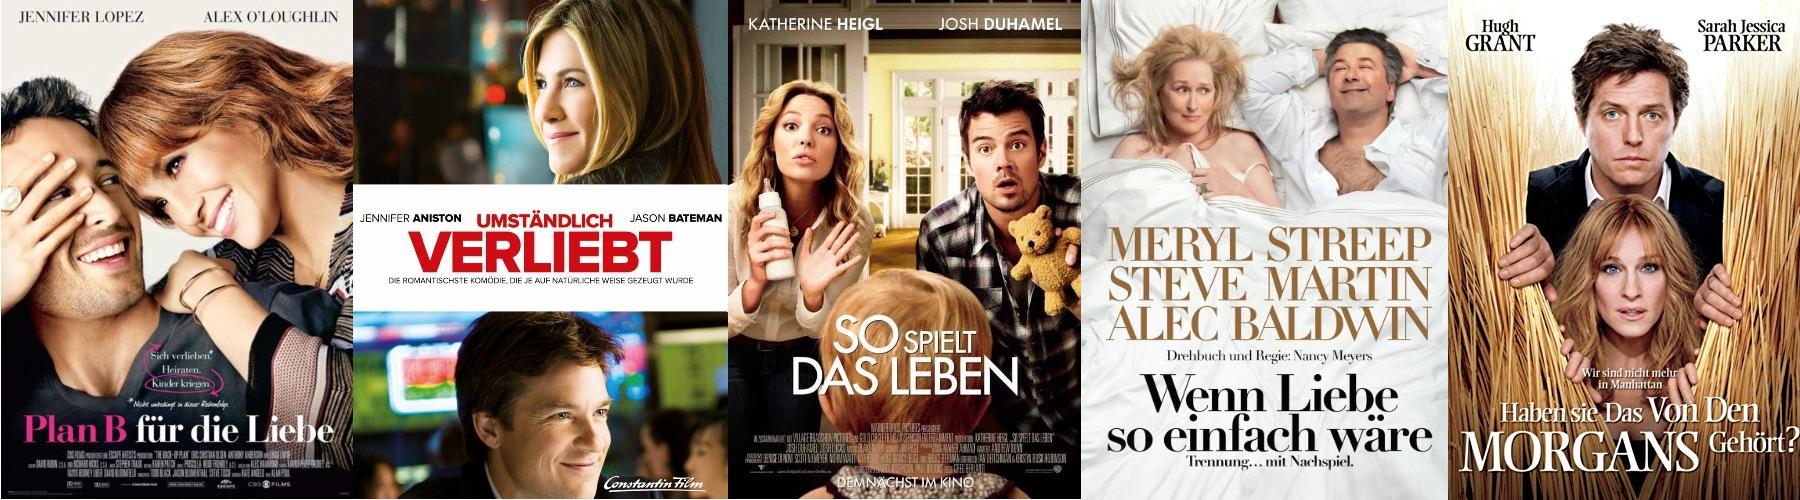 Die besten Liebeskomödien 2010